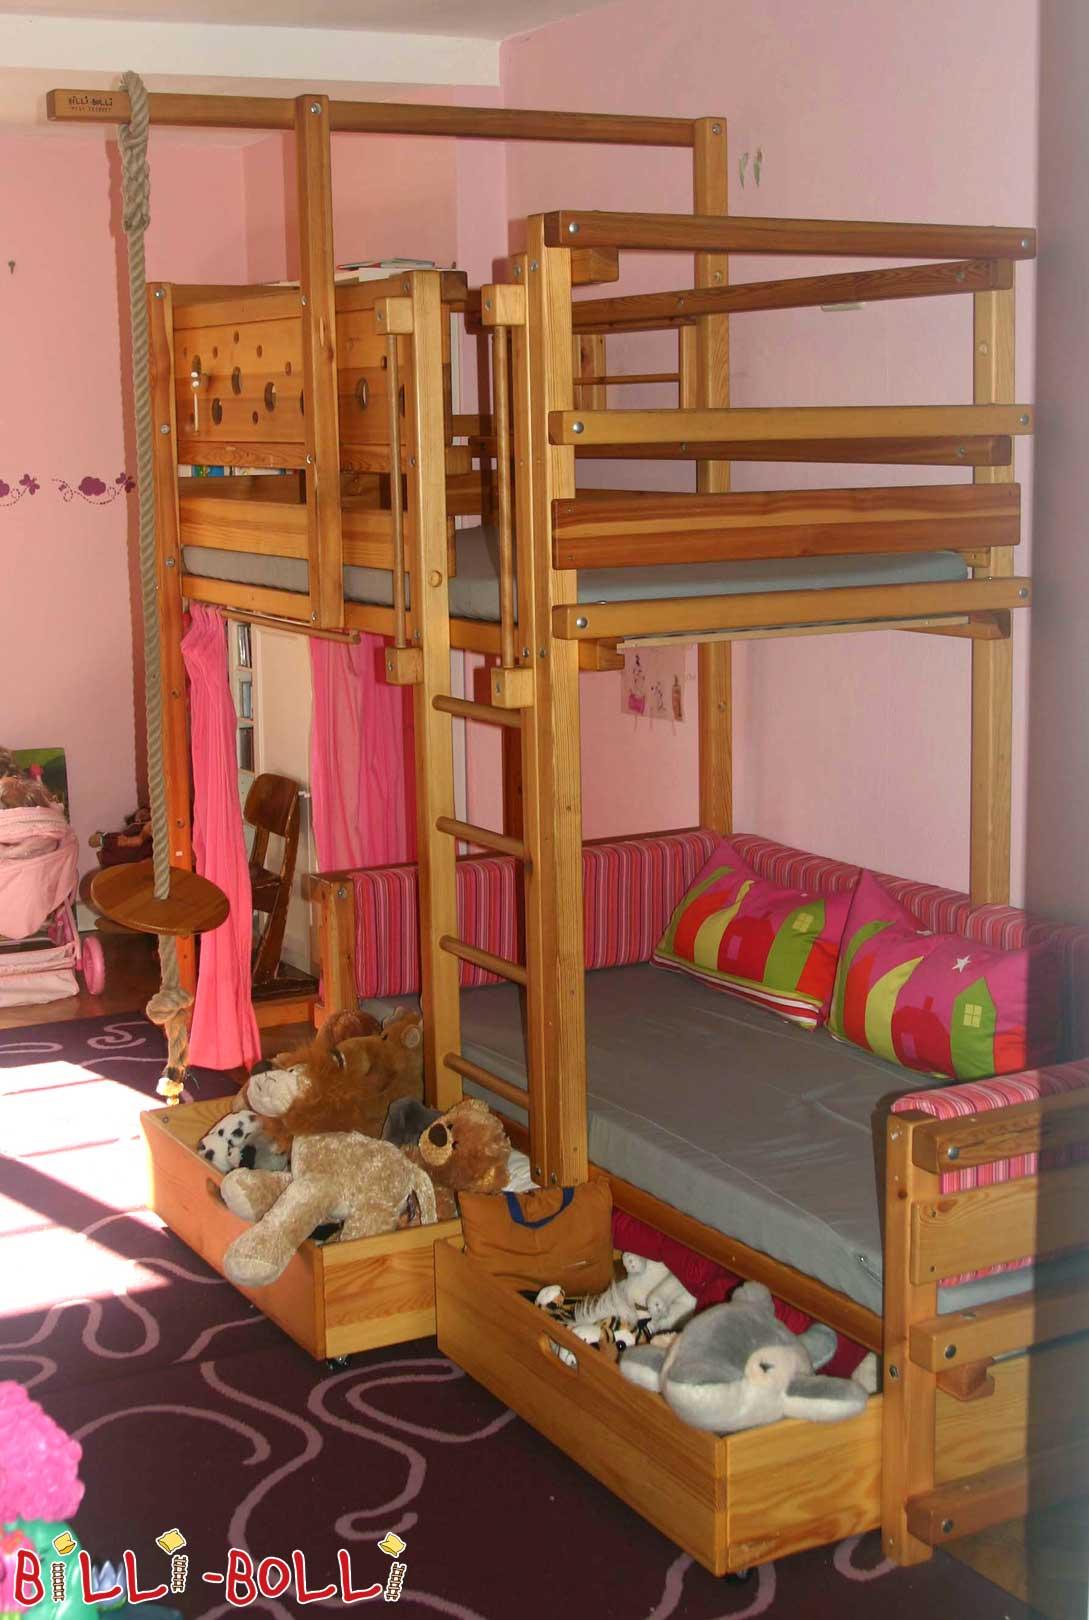 etagenbett seitlich versetzt etagenbett seitlich versetzt. Black Bedroom Furniture Sets. Home Design Ideas